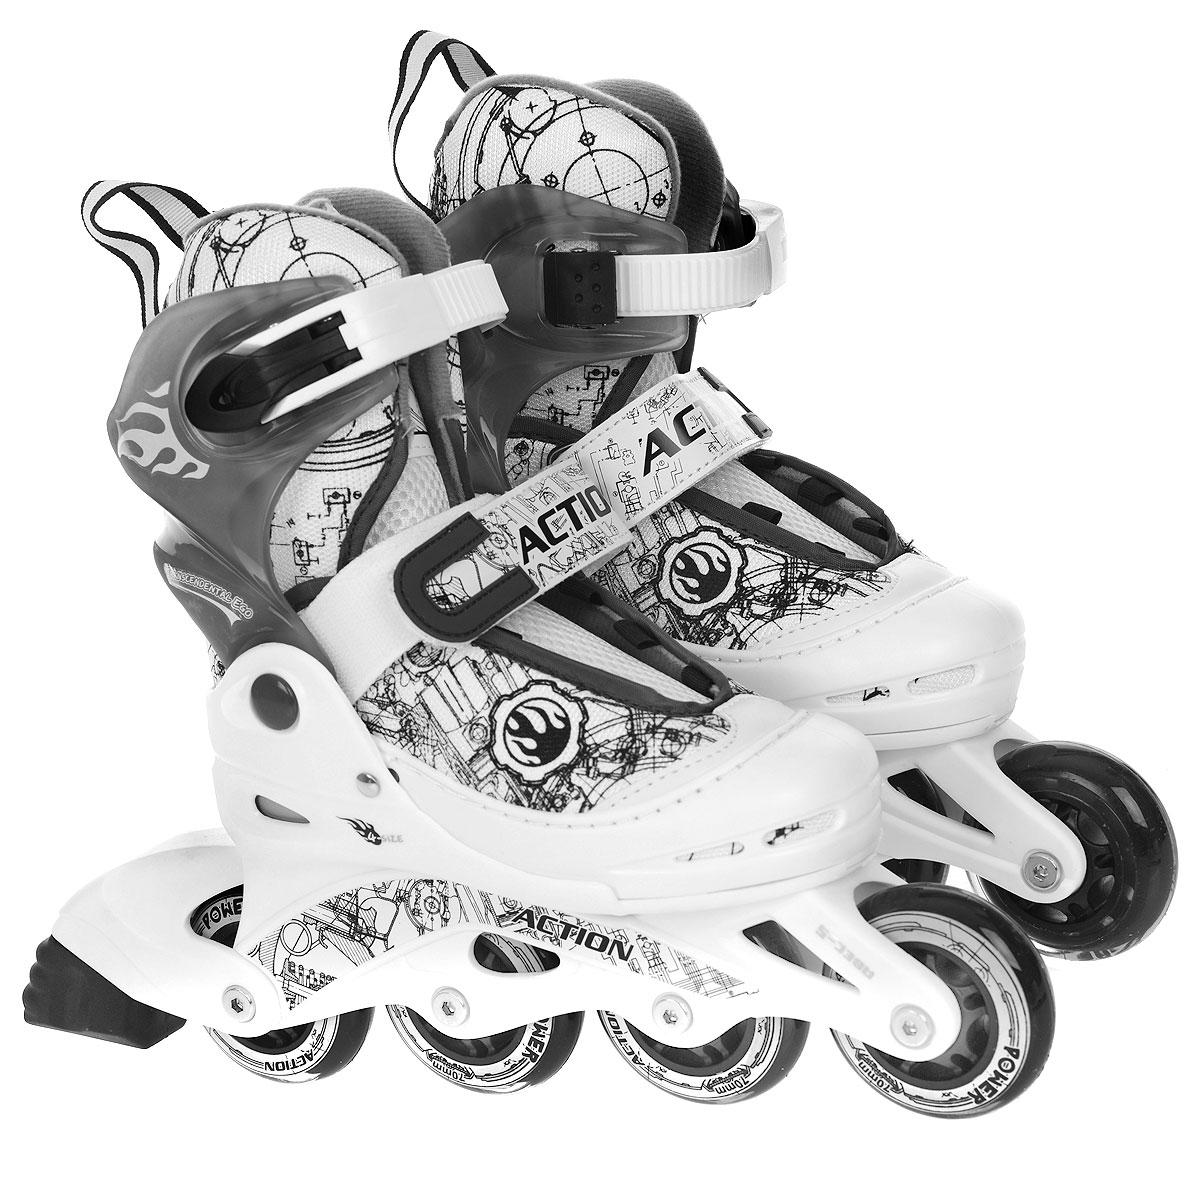 Коньки роликовые, раздвижные. PW-118PW-118Раздвижные роликовые коньки Action с мягким ботинком предназначены для любительского катания. Коньки имеют мягкий ботинок с раздвижным механизмом, что обеспечивает хорошую посадку и пластичность, а для еще более комфортного катания ботинки коньков оснащены классической системой шнуровки, клипсой с фиксатором, ремешком на липучке и пяточным ремнем. Облегченная, анатомически облегающая конструкция обеспечивает улучшенную боковую поддержку и полный контроль над движением. Стельки роликов выполнены из двух материалов: базовый для обеспечения формы стельки; дополнительный - покрытие стельки мягким материалом для удобного одевания и комфорта. Рама изготовлена из пластика, а колеса из полиуретана с карбоновыми подшипниками ABEC5. В каждой модели роликов есть тормоз. Роликовые коньки - это прекрасная возможность активного время провождения, отличный способ снять напряжение после трудового дня, пообщаться с друзьями, завести новые знакомства и повысить свою...